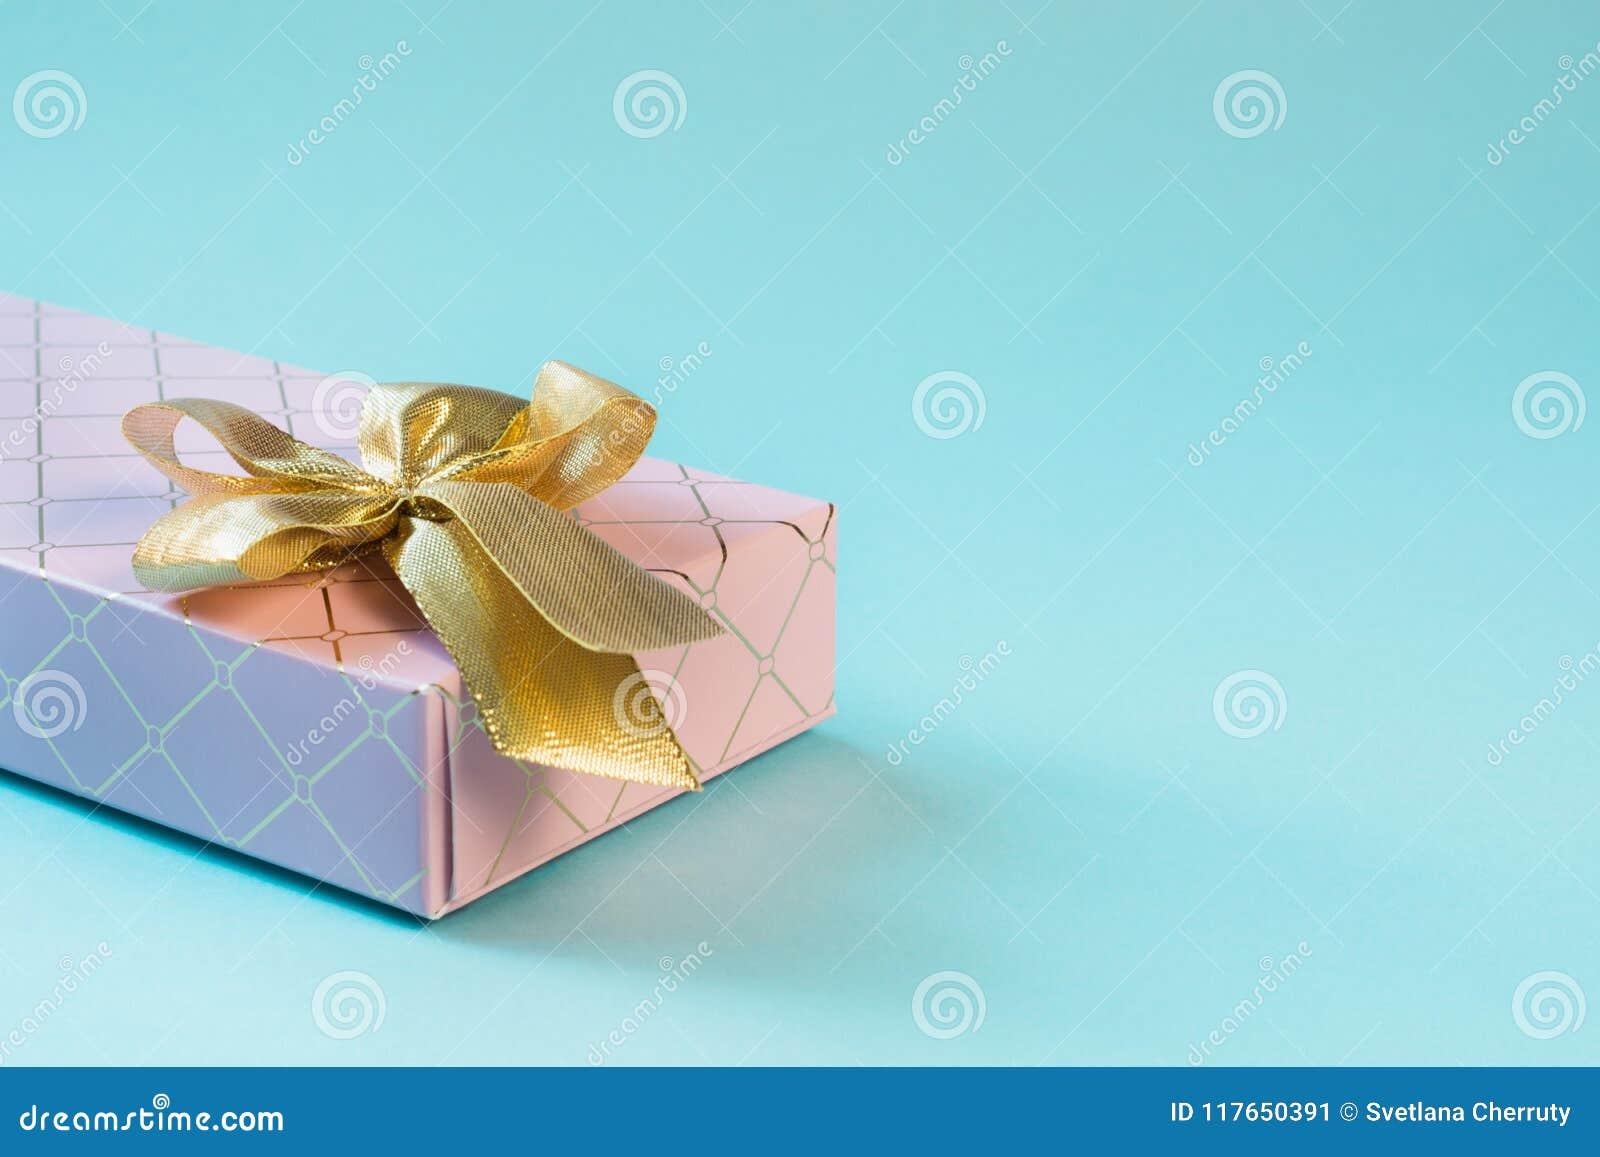 Женская розовая подарочная коробка с золотой лентой на напористой пастельной сини День рождения скопируйте космос